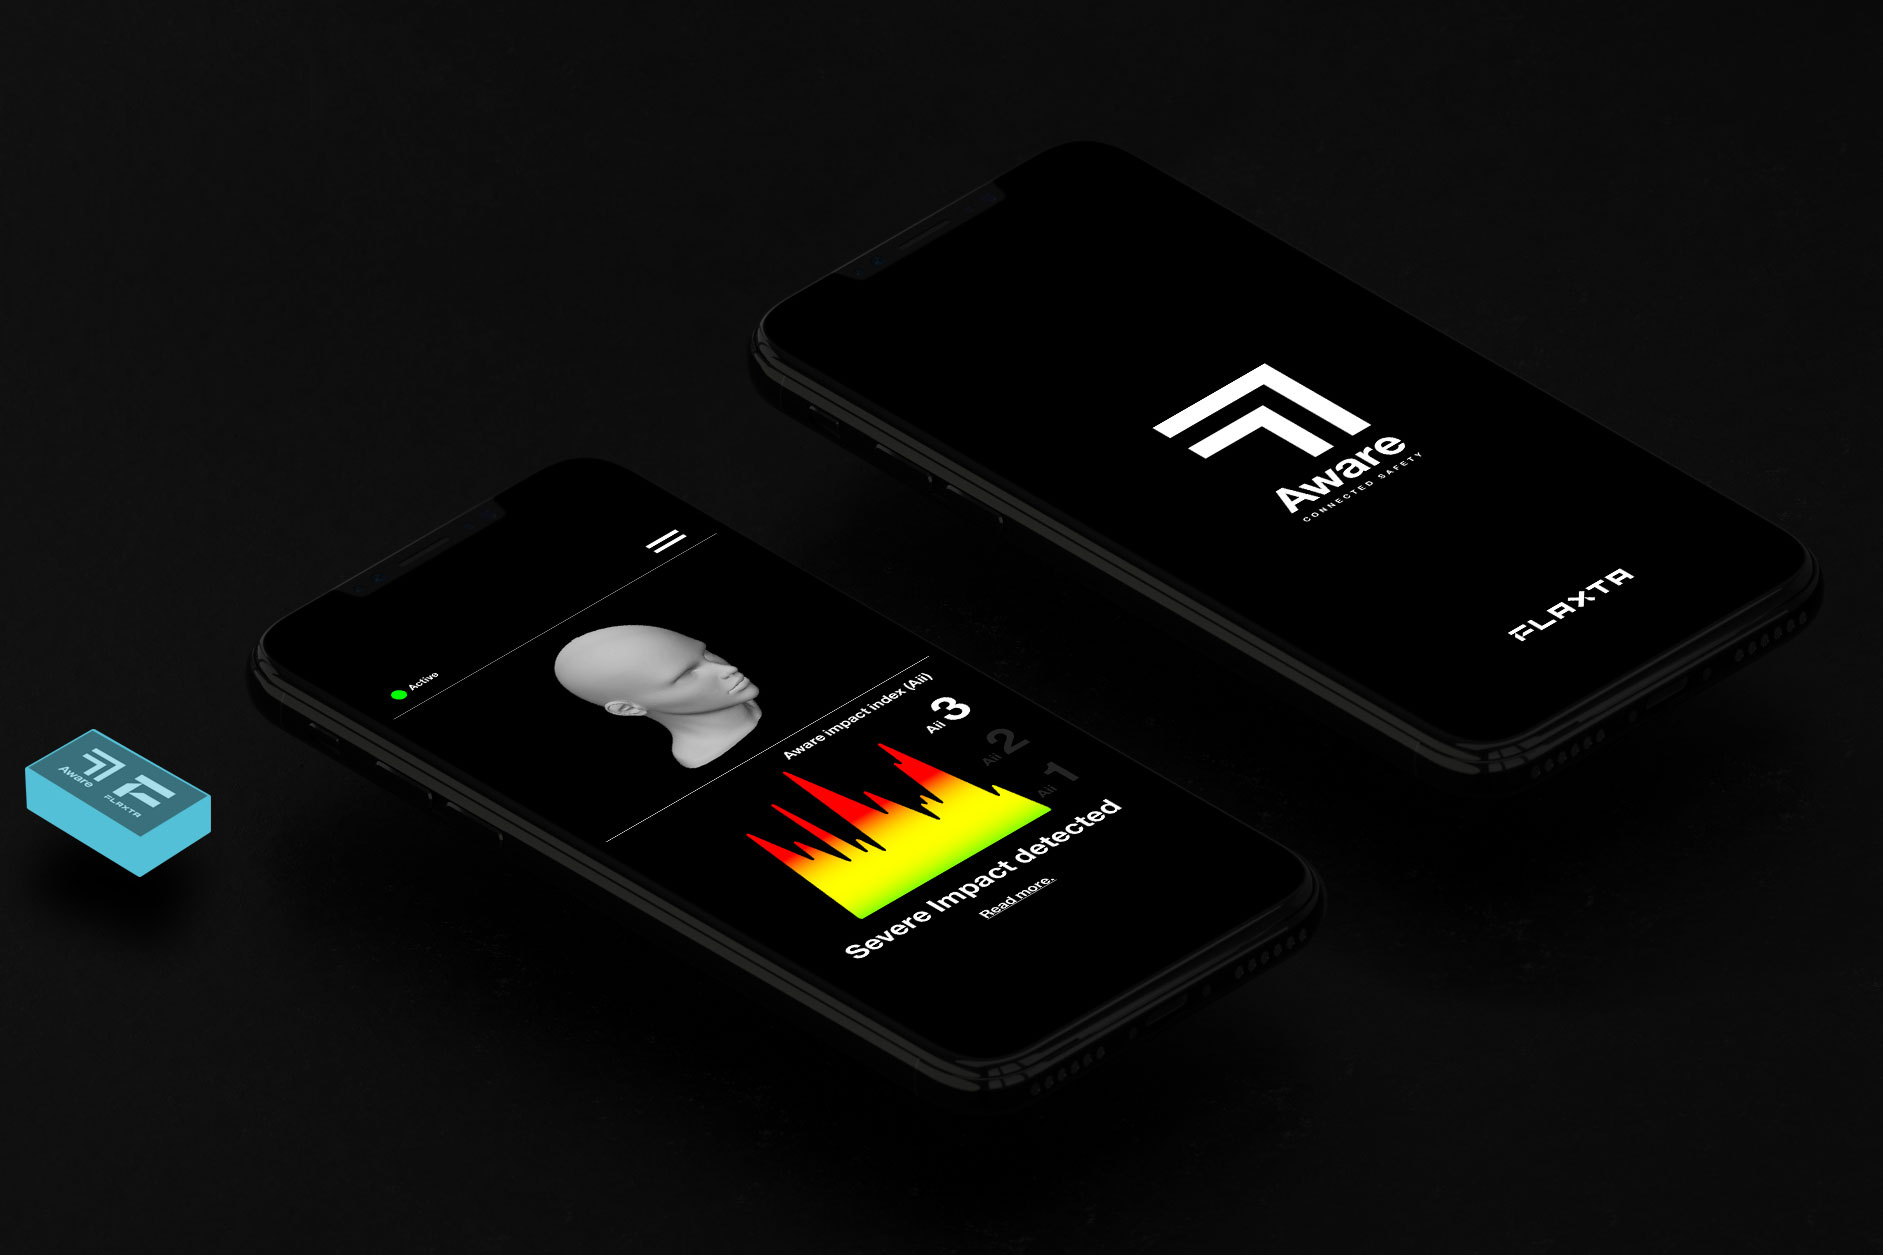 Flaxata Aware Impact Sensor